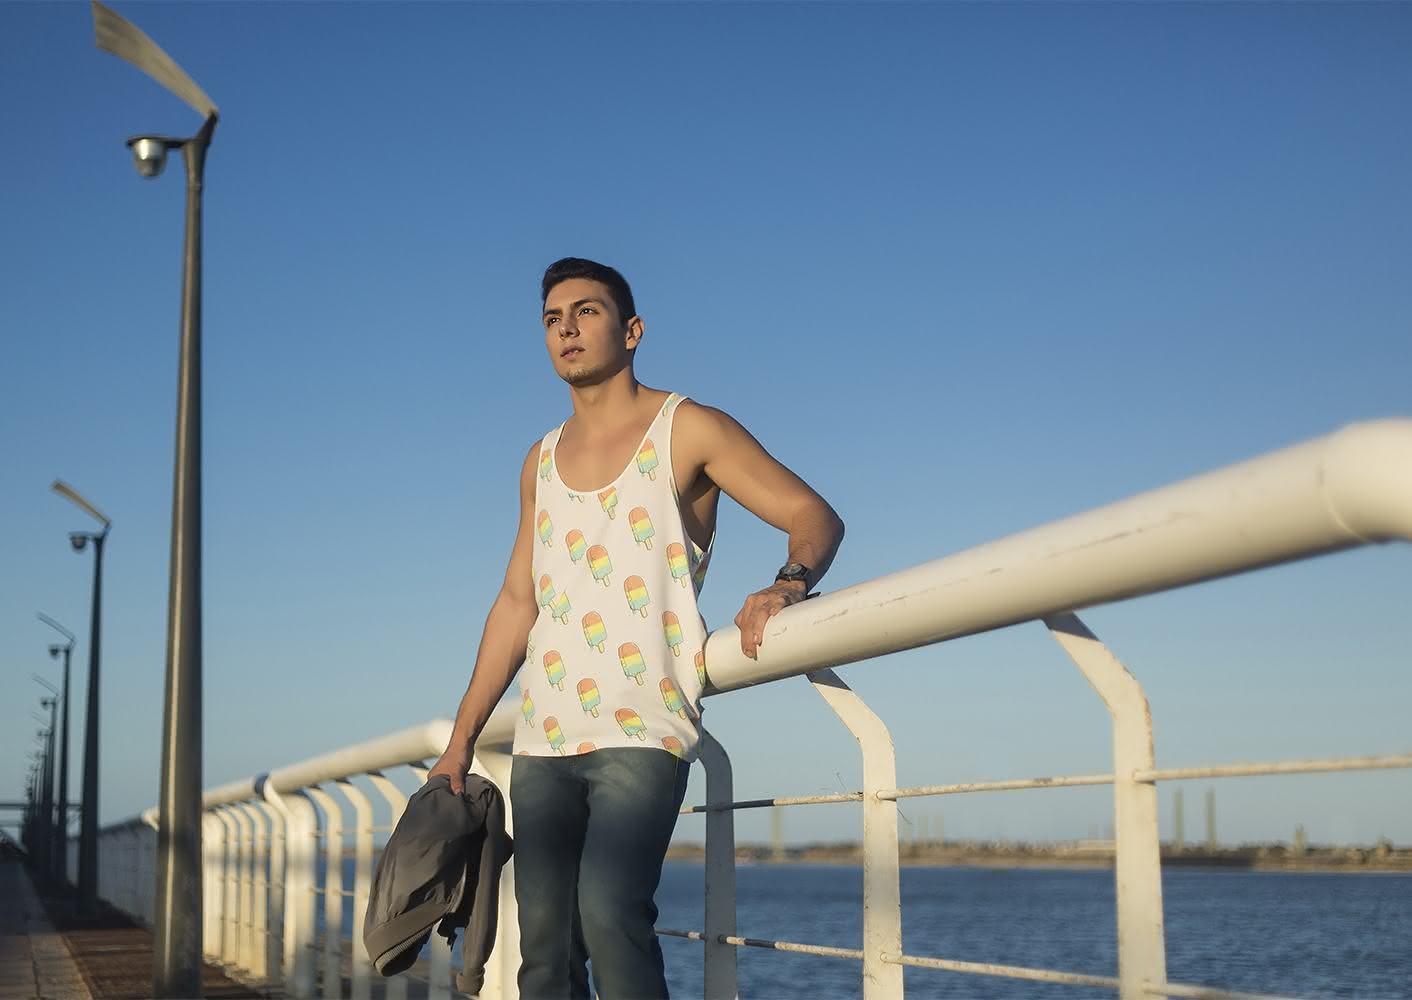 Estilo-HQSC-Regata-divertida-e-look-urbano-Juan-Alves-4